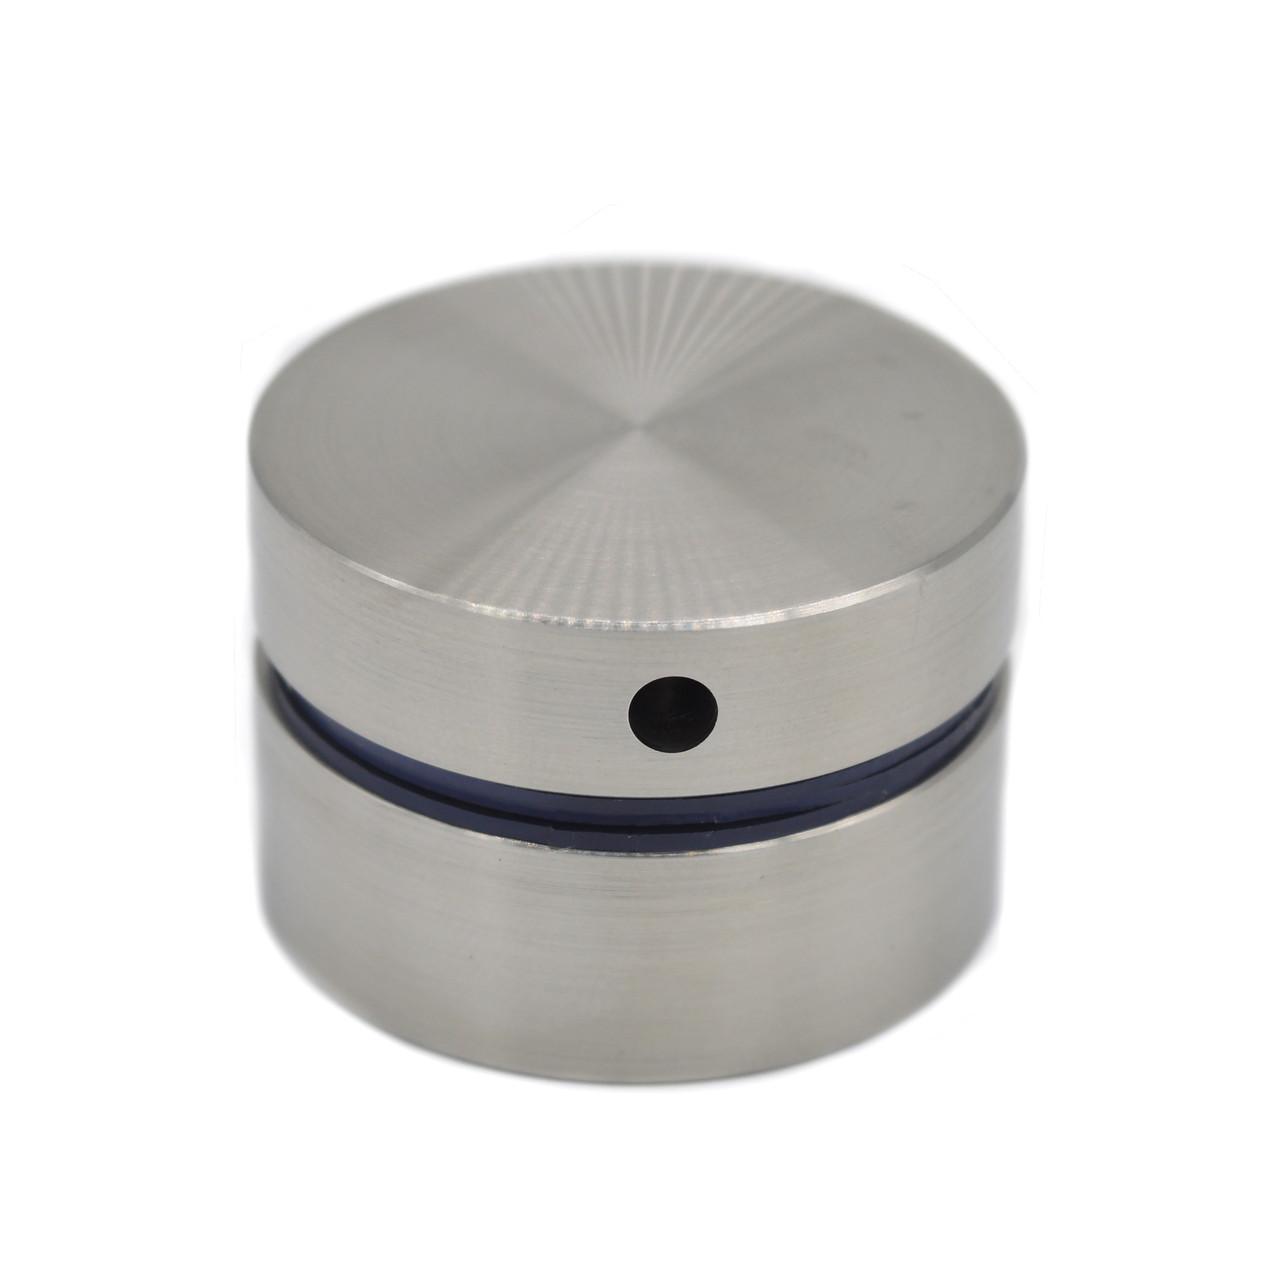 ODF-06-20-01-L15 Коннектор круглый d40 с дистанцией 15 мм с боковым отверстием М10